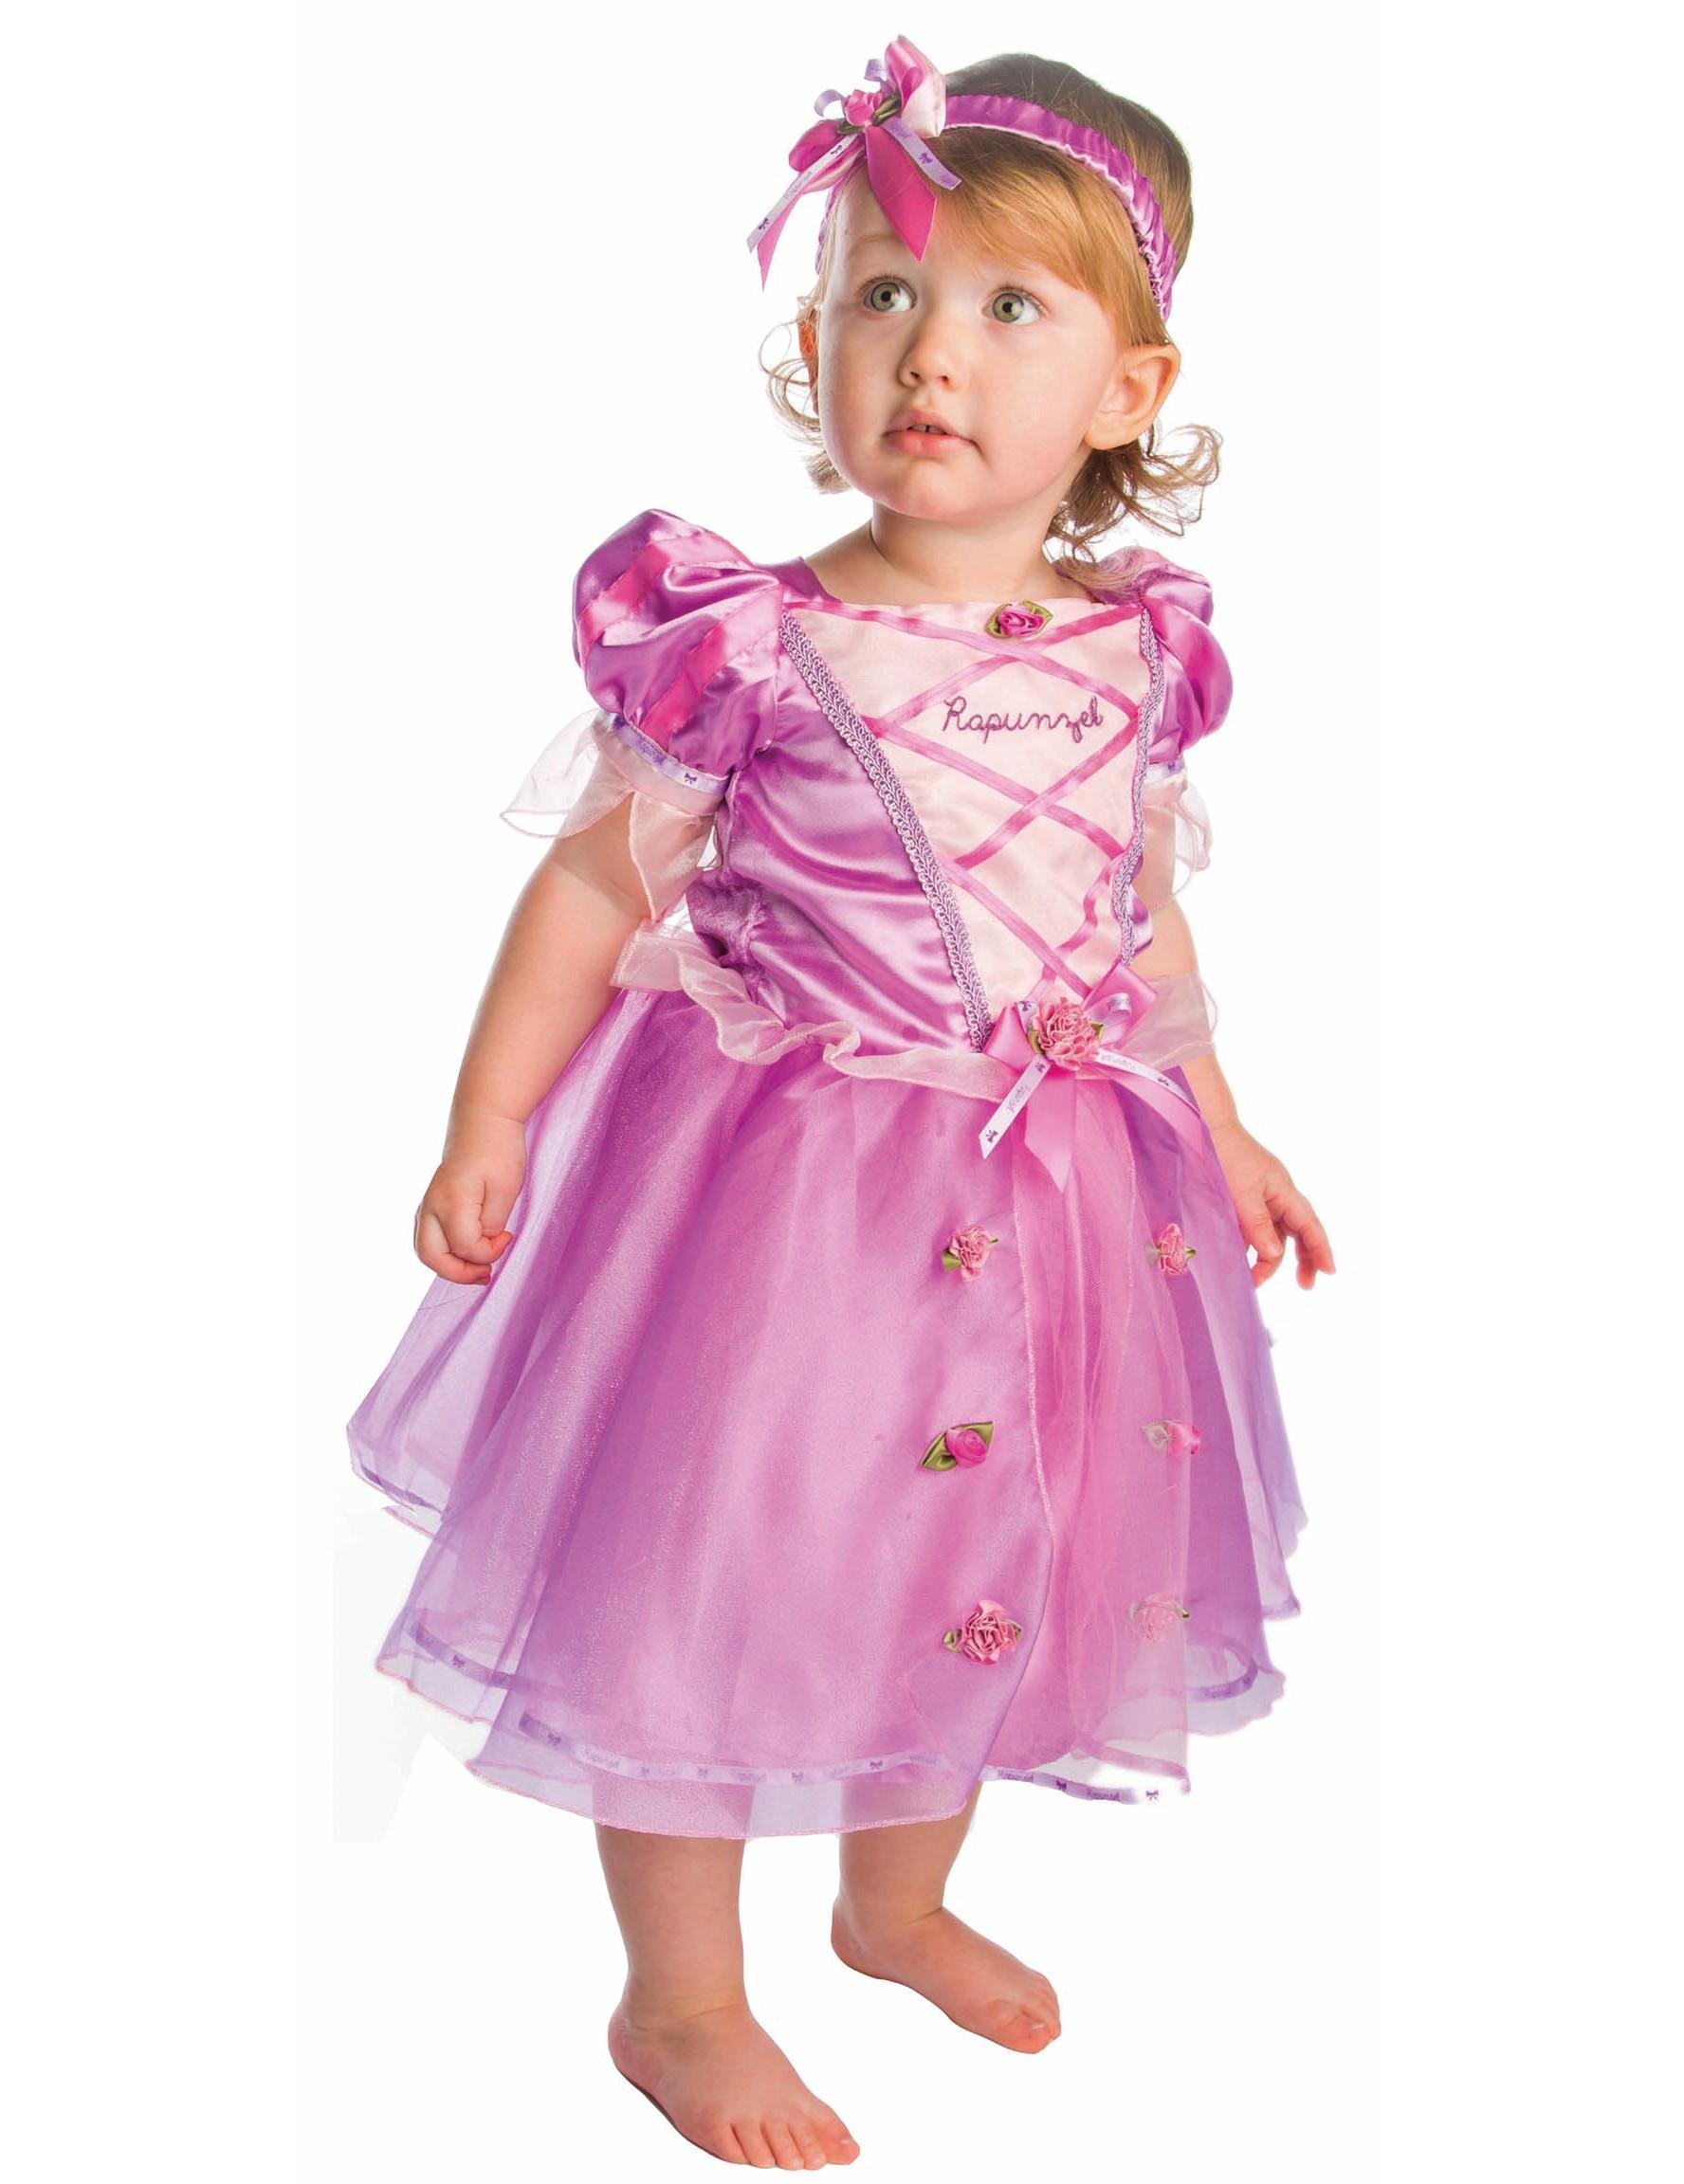 D guisement luxe raiponce b b deguise toi achat de d guisements enfants - Bebe raiponce ...